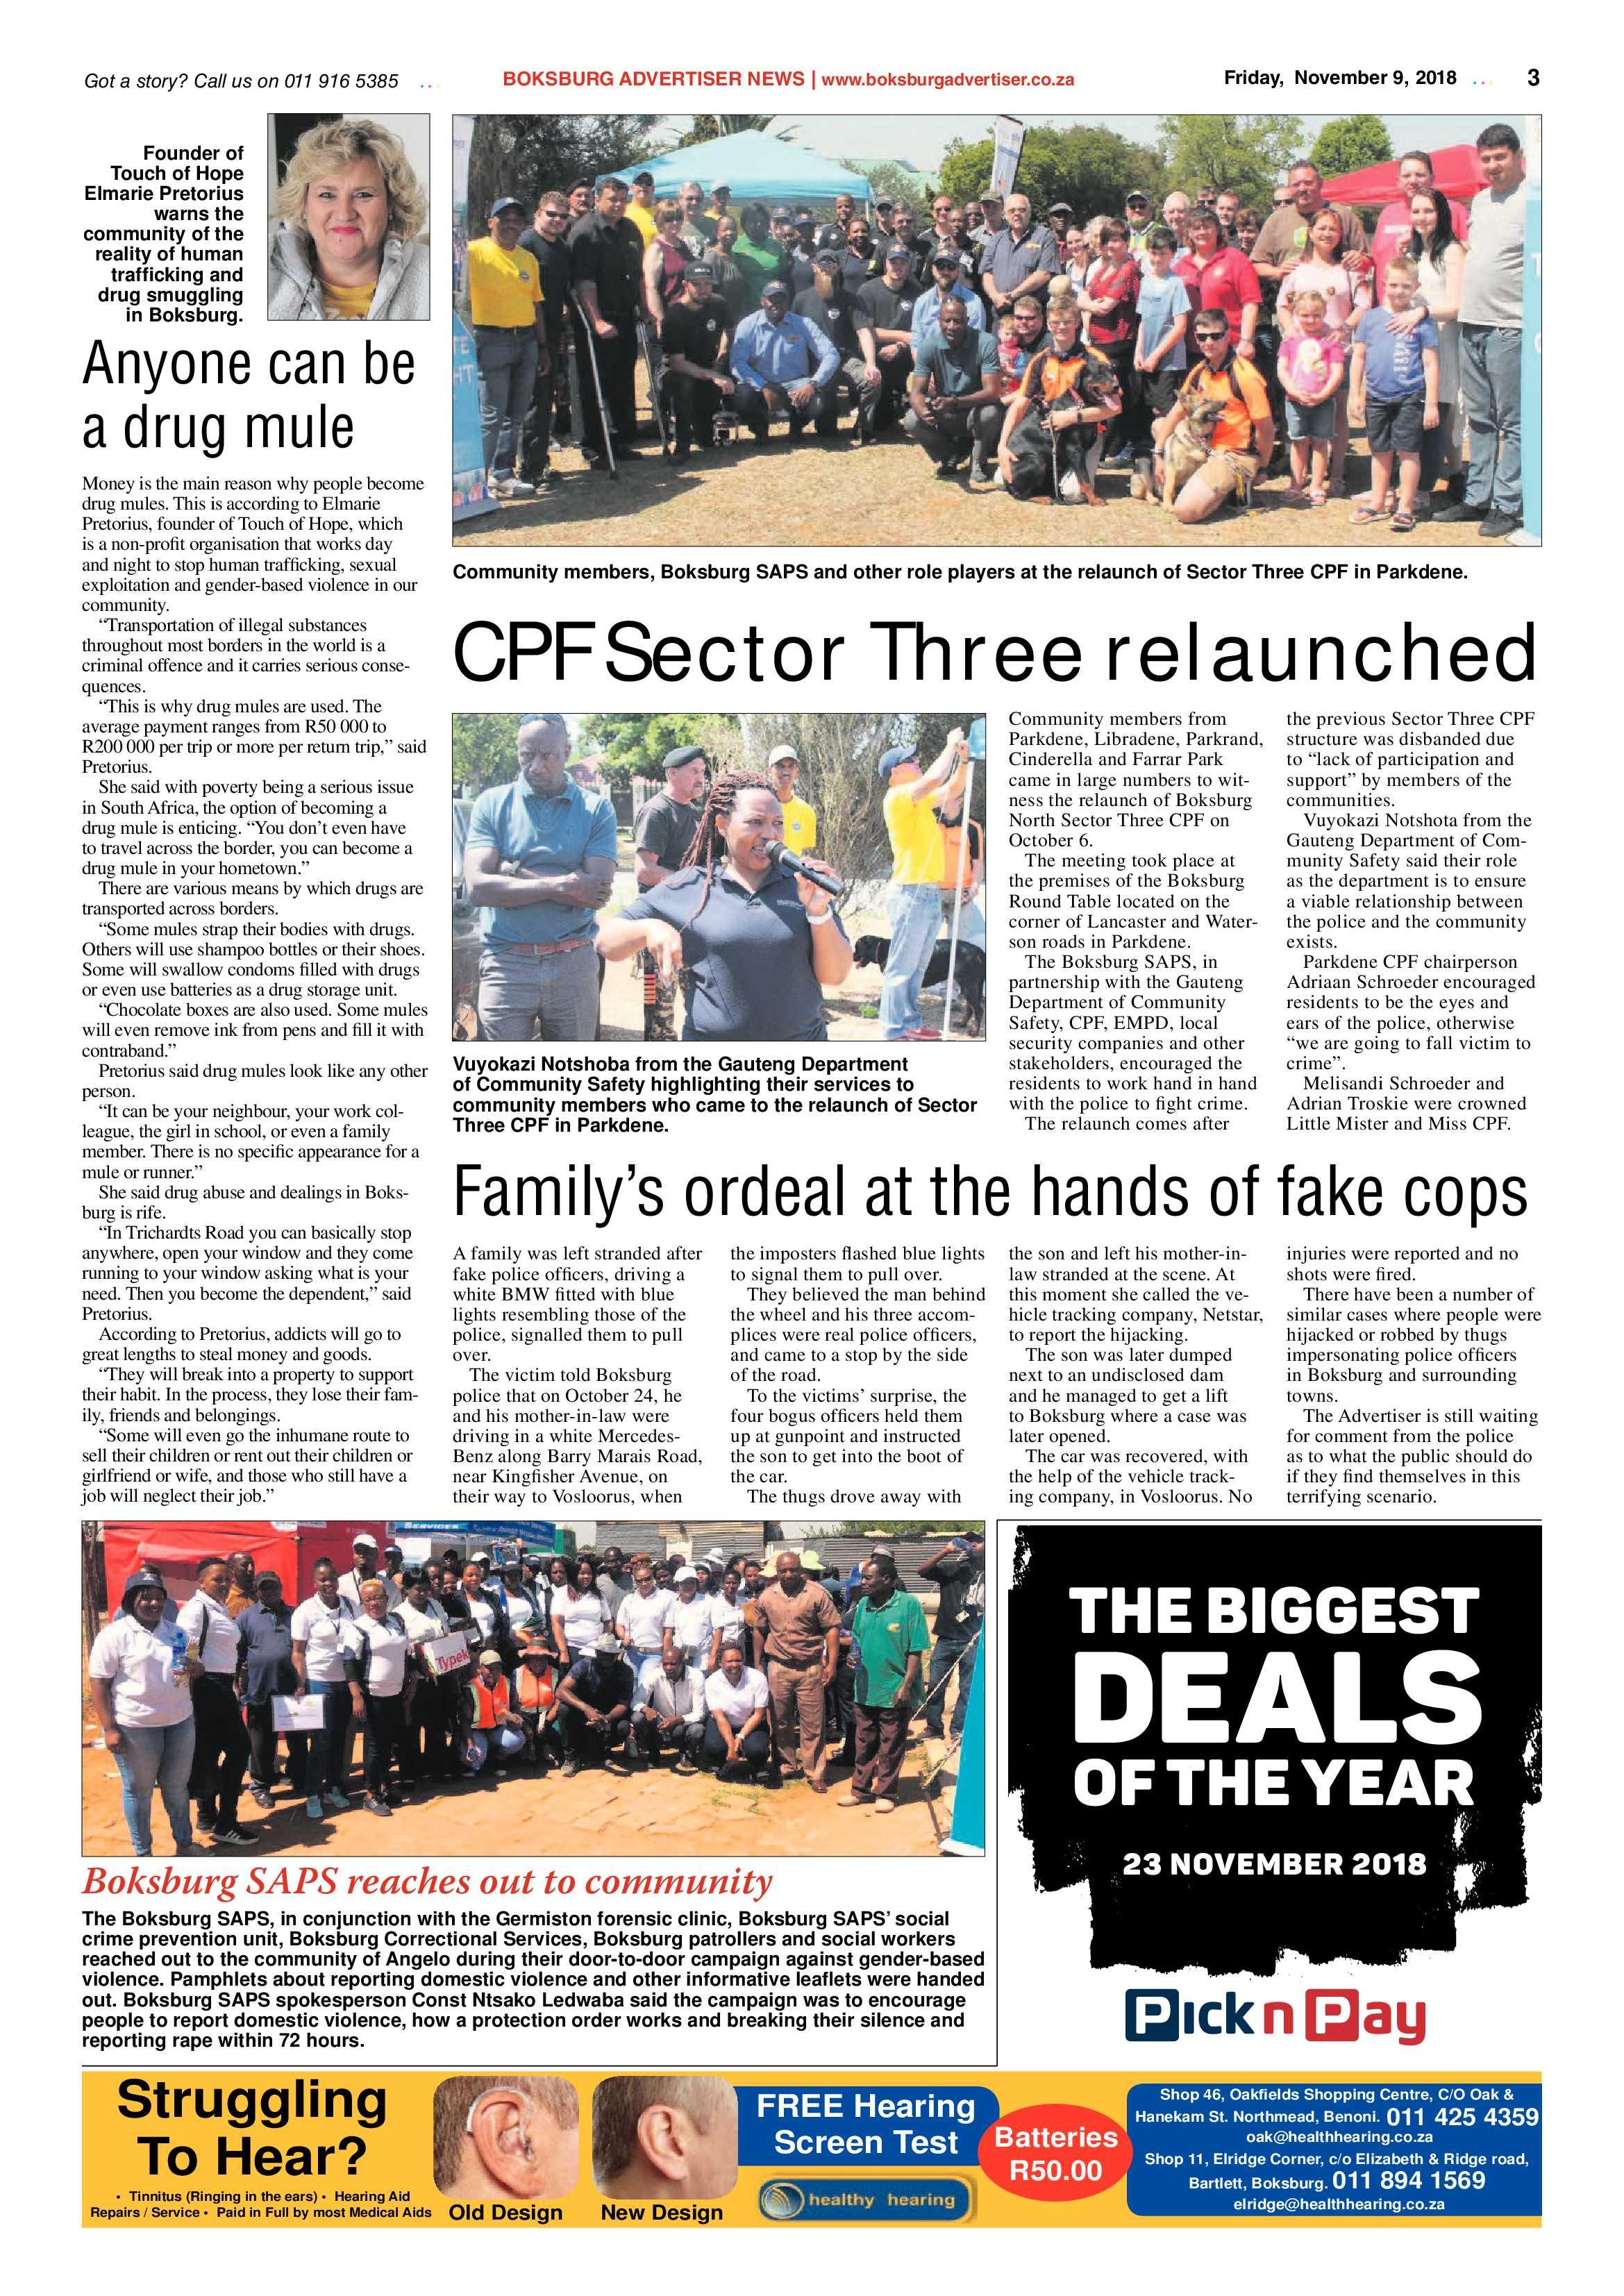 boksburg-advertiser-06-november-2018-epapers-page-3